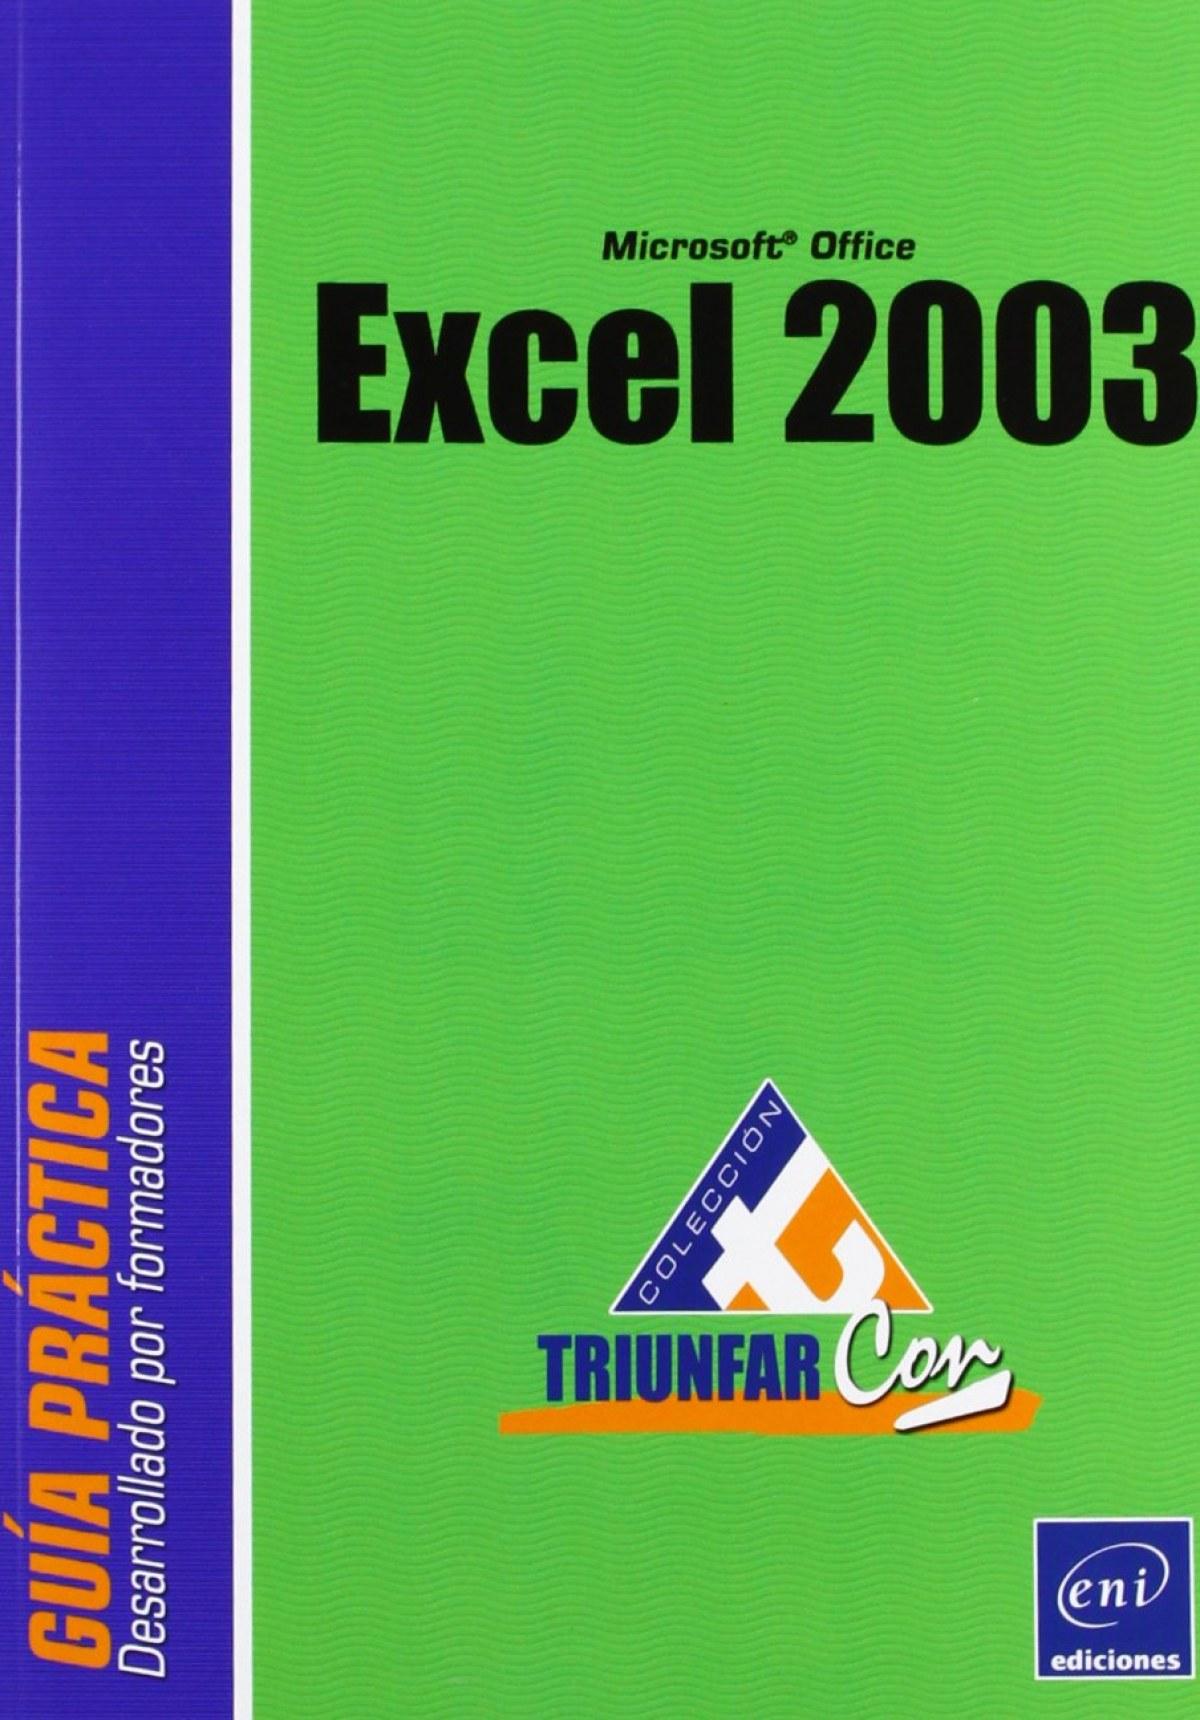 Triunfar Con EXCEL 2003